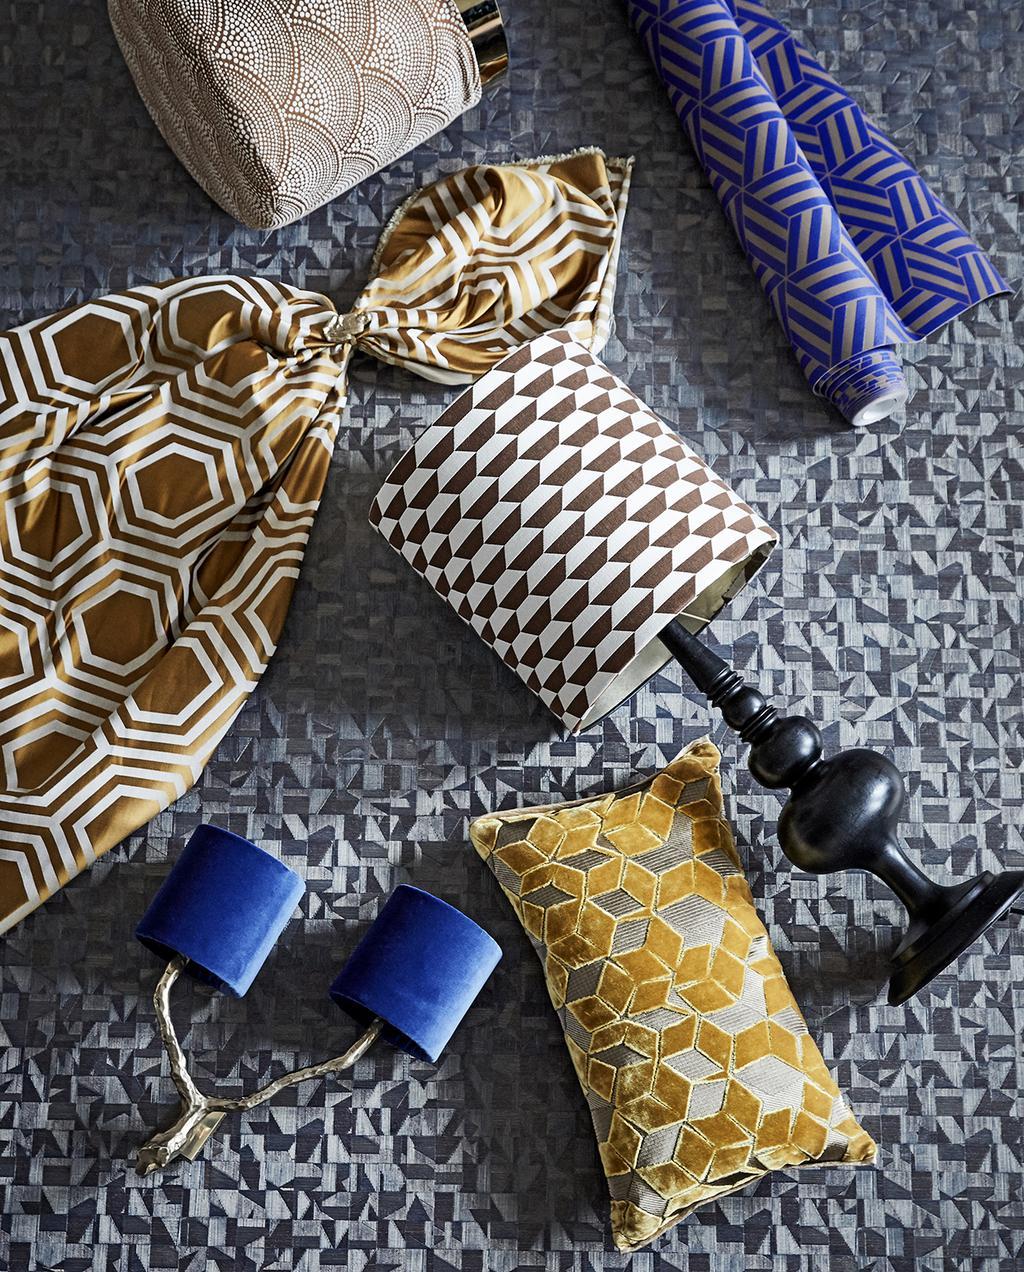 vtwonen 03-2020 stof verf & behang | stoffen met patroon en houten zwarte lamp